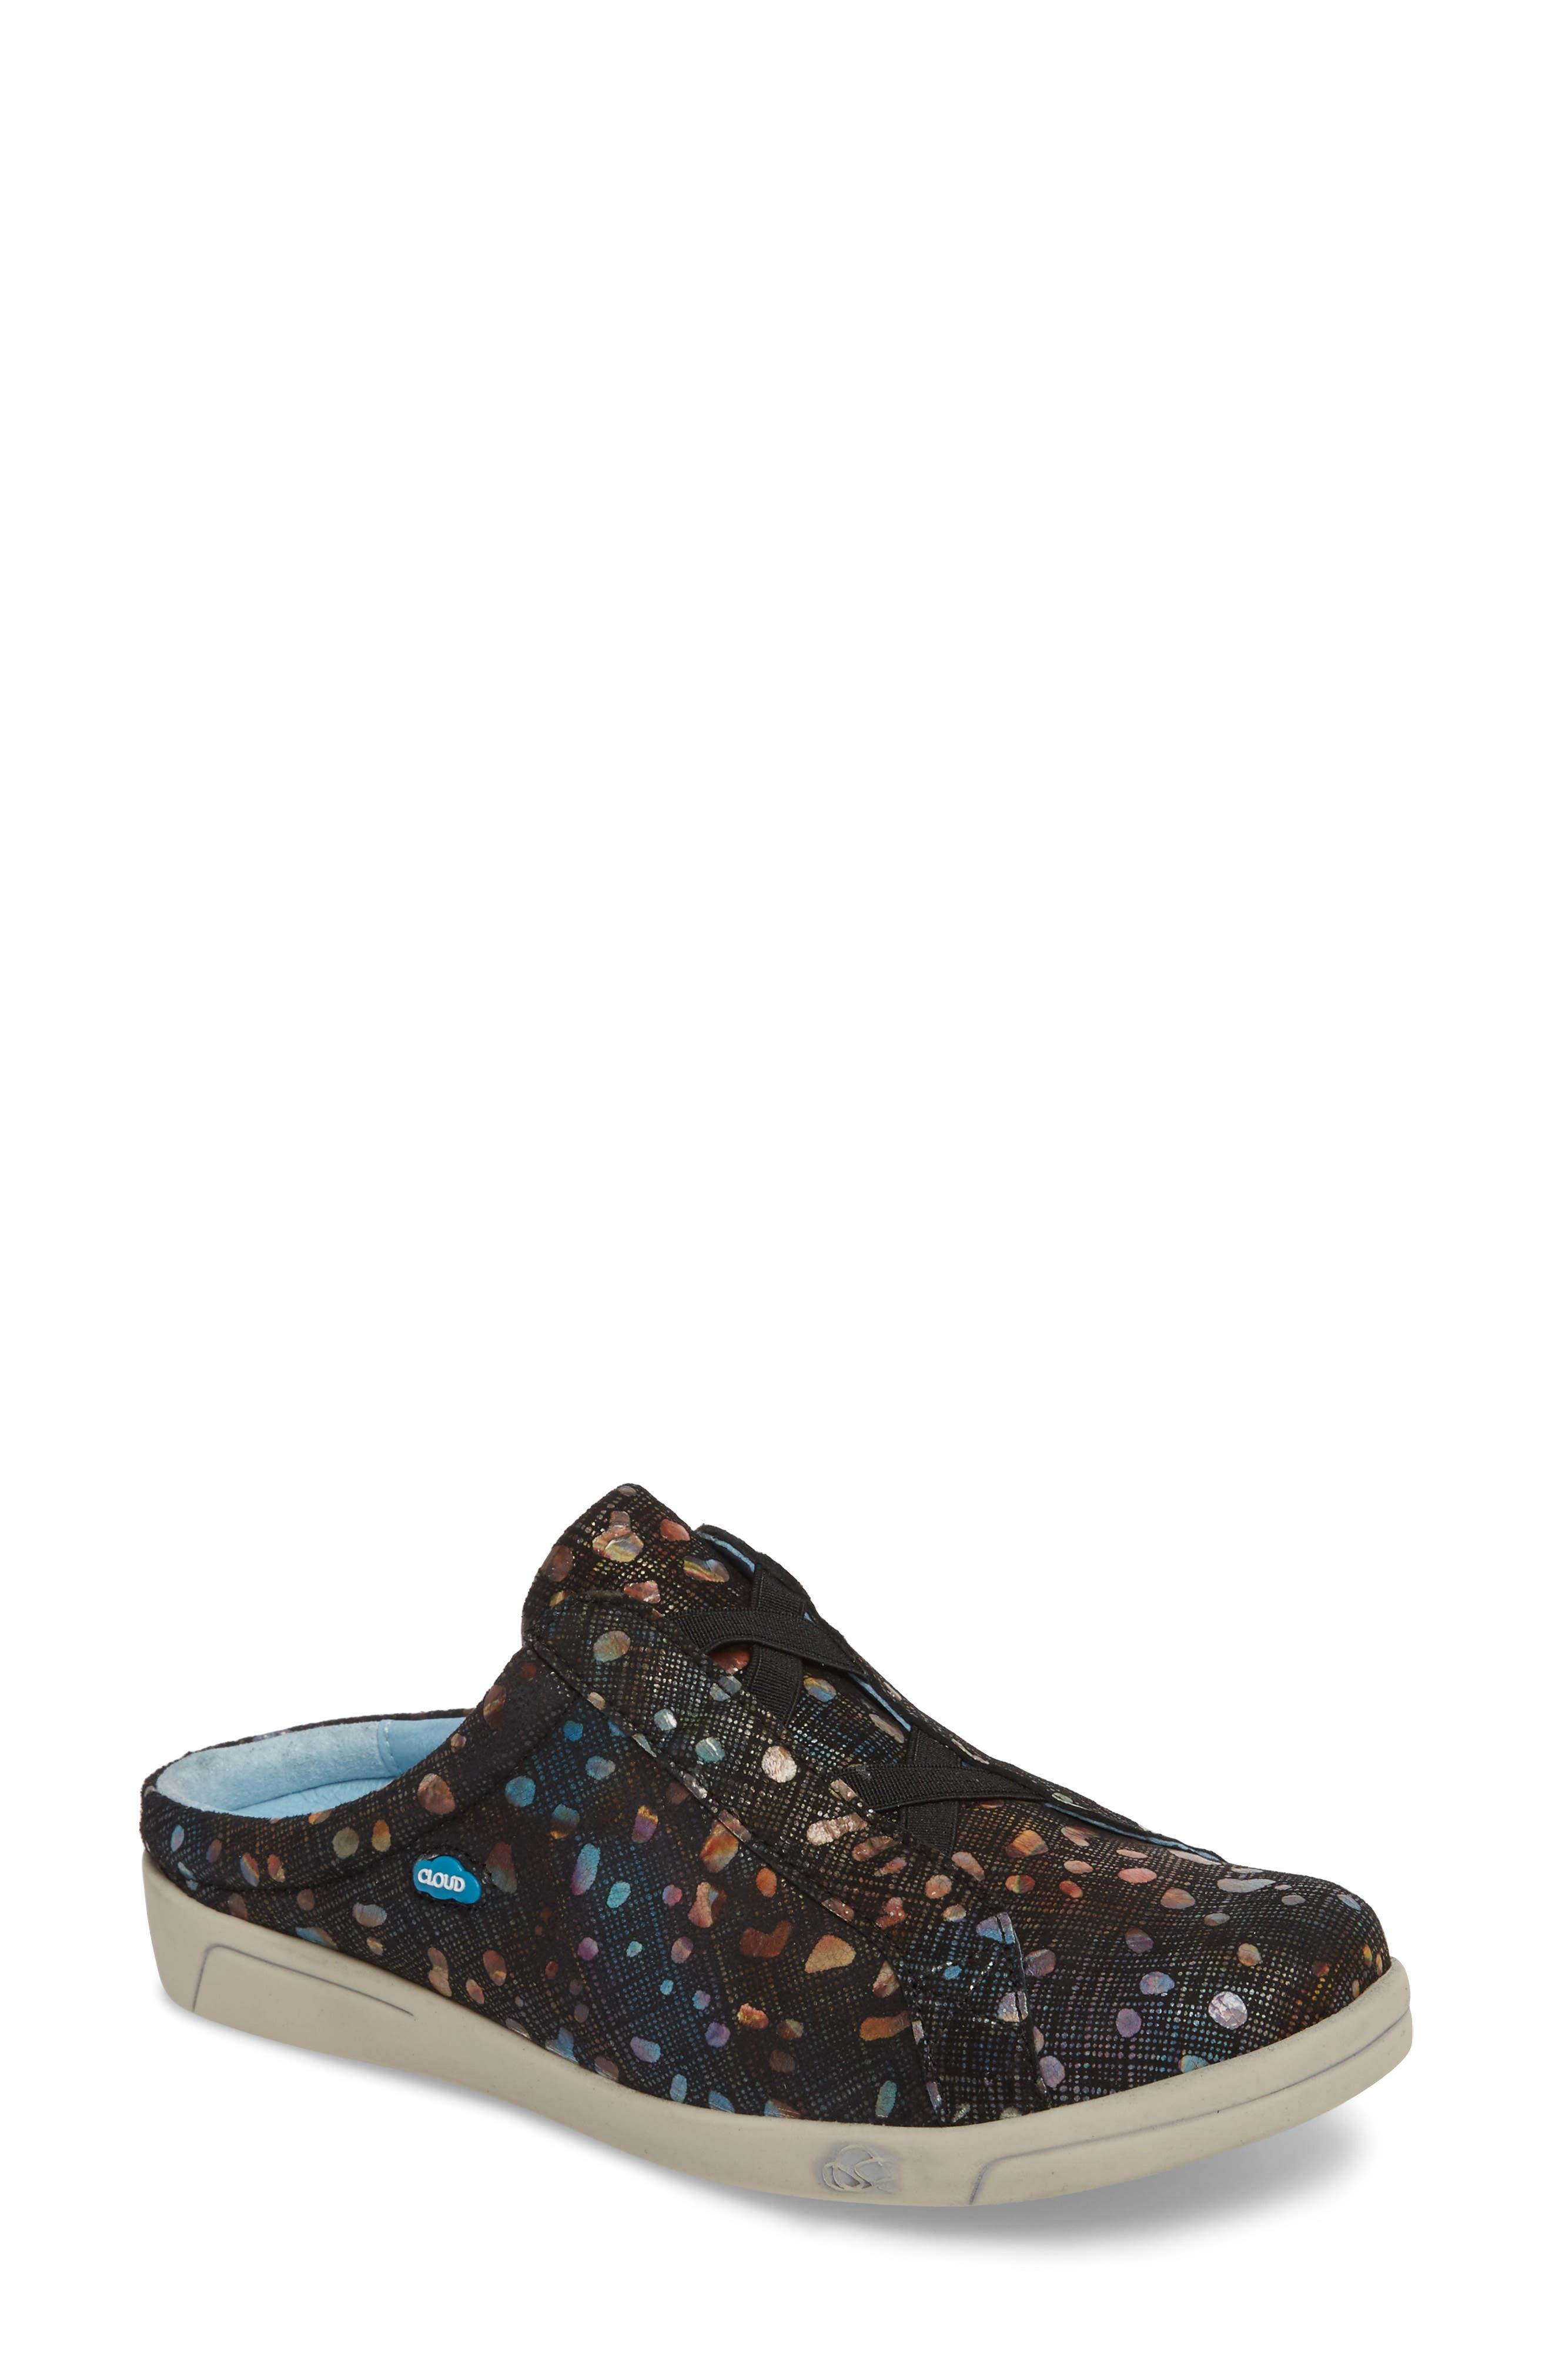 Arizona Fantasy Mule Sneaker,                         Main,                         color, Bubble Leather